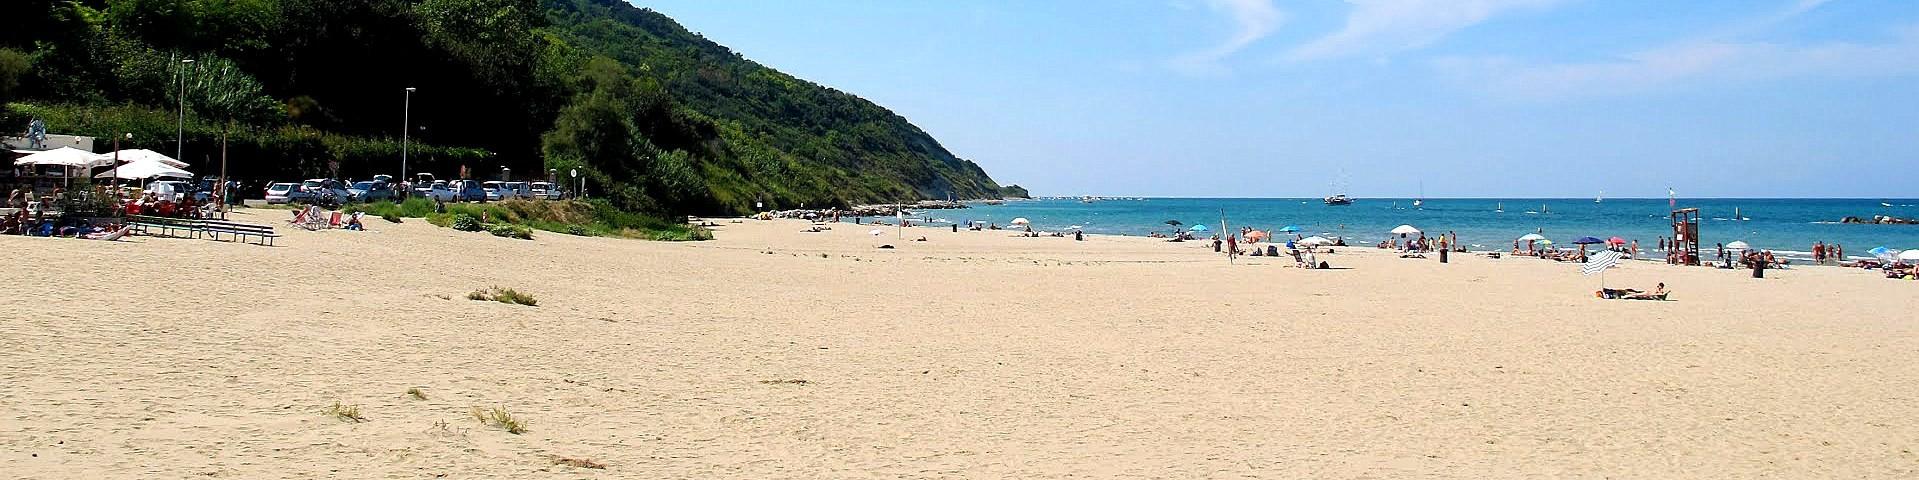 Pesaro, pláž v severní části letoviska